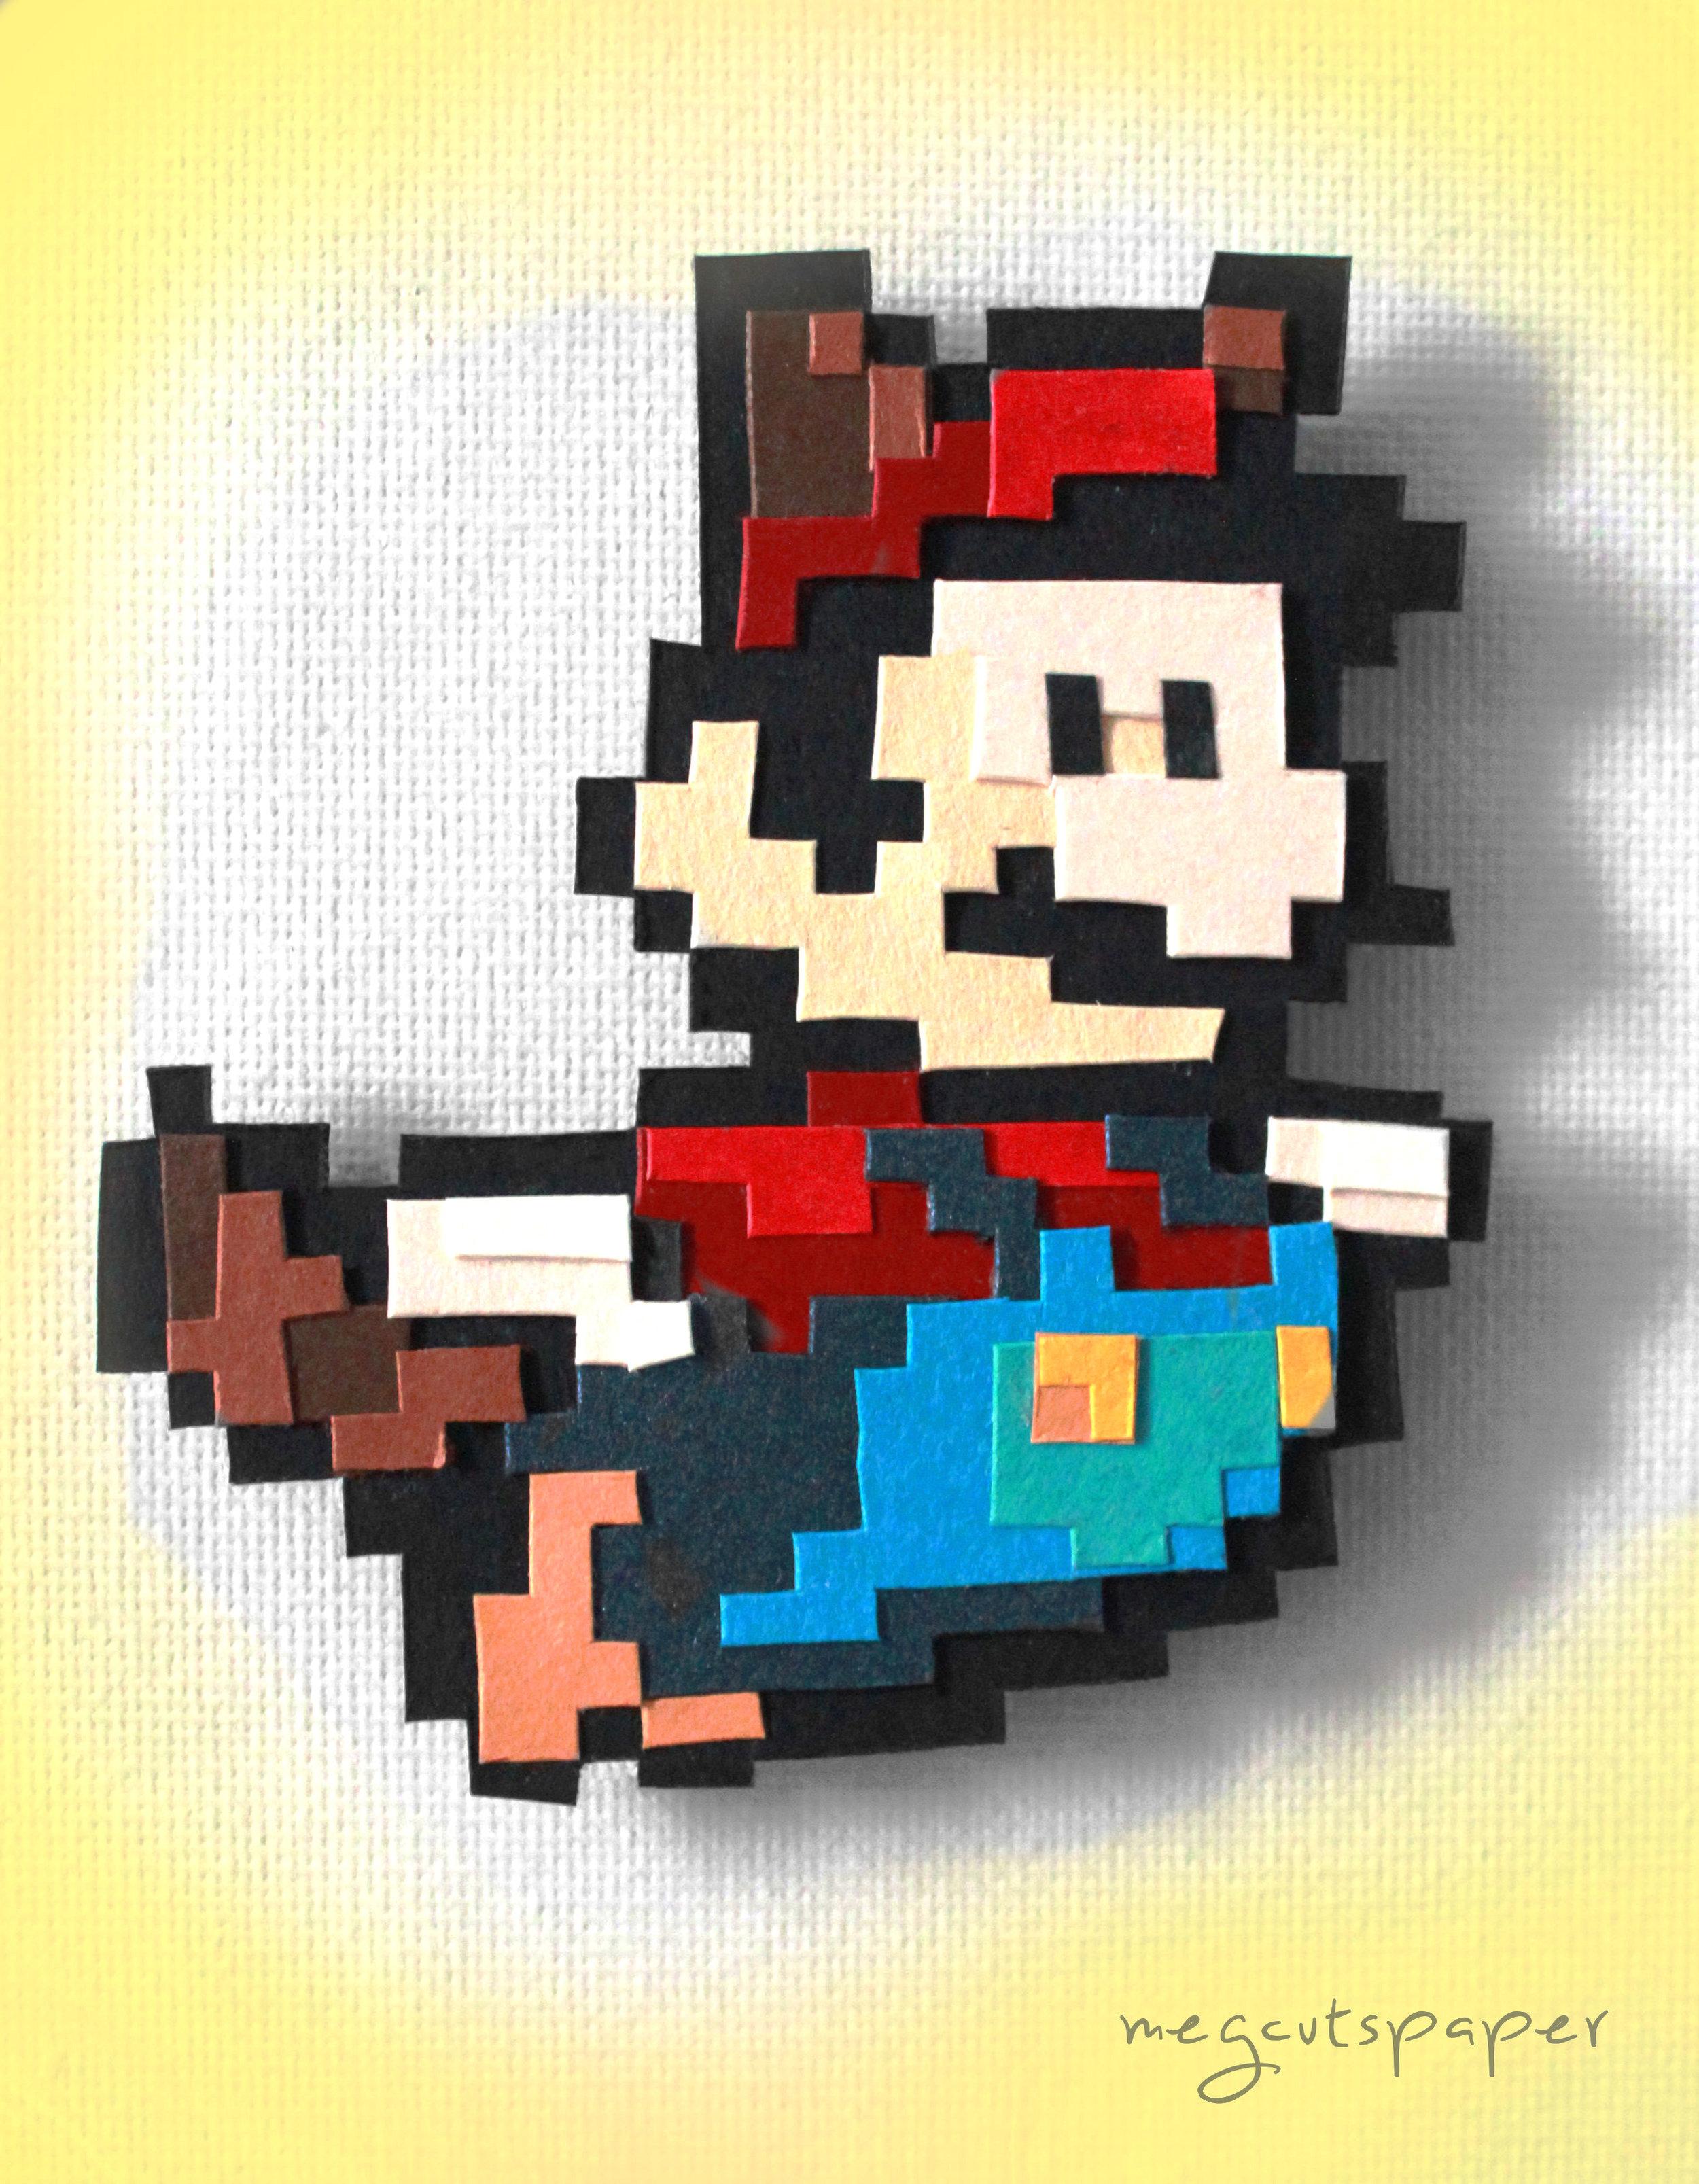 Megcutspaper_Mario_Magnet_Papercut.jpg